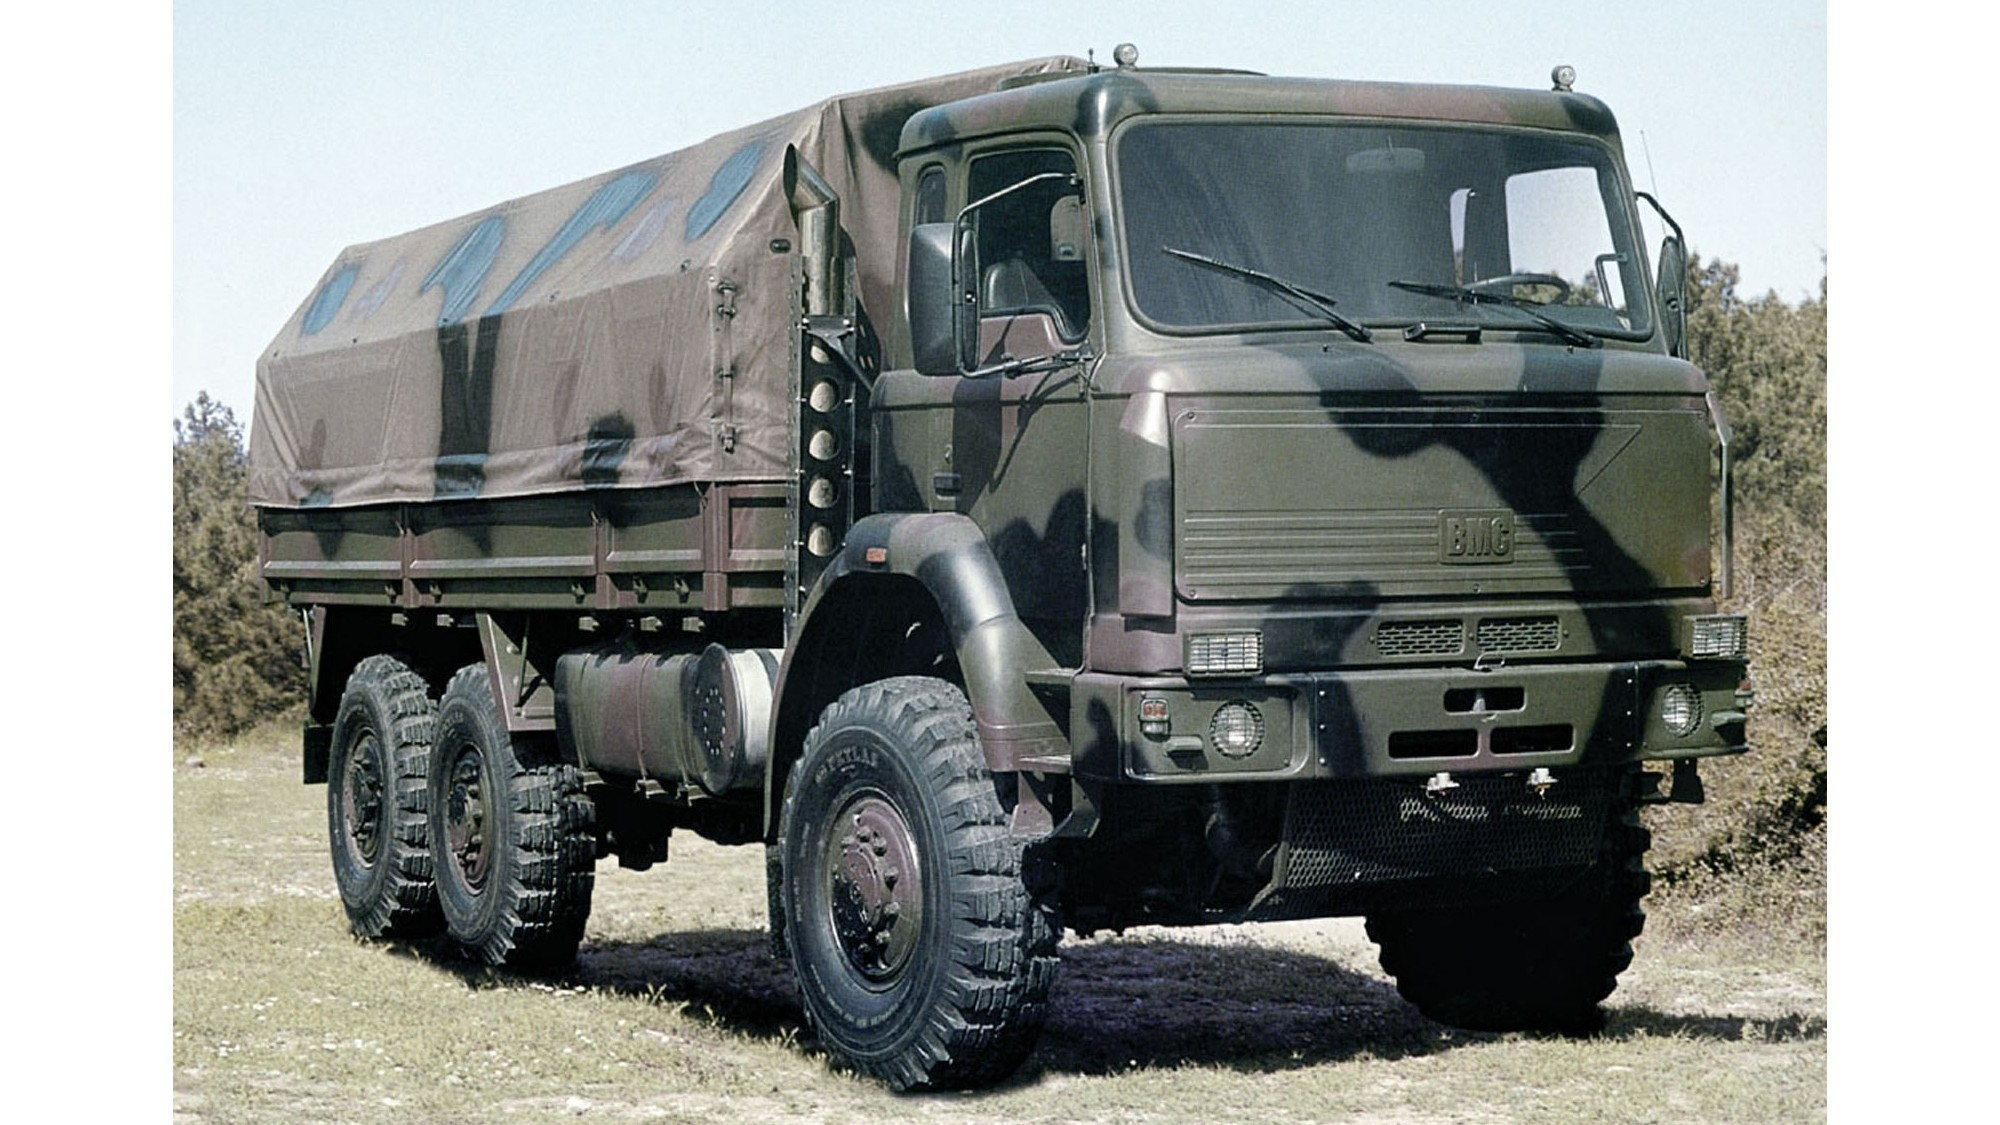 Тяжелый 10-тонный автомобиль BMC 380-26 с 380-сильным дизелем